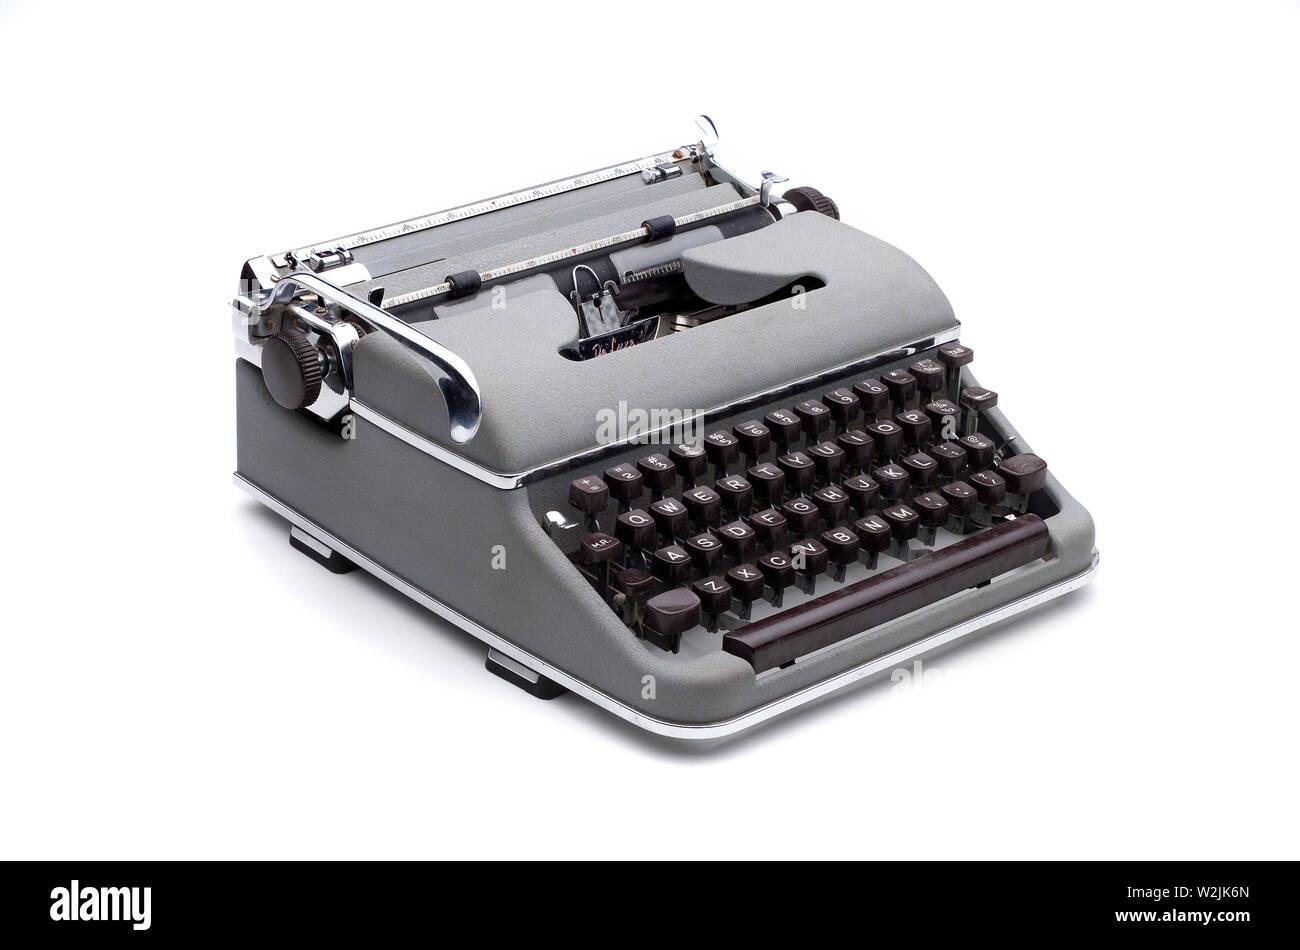 datazione Smith Corona macchina da scrivere le verità sulla datazione e accoppiamento ePub Bud